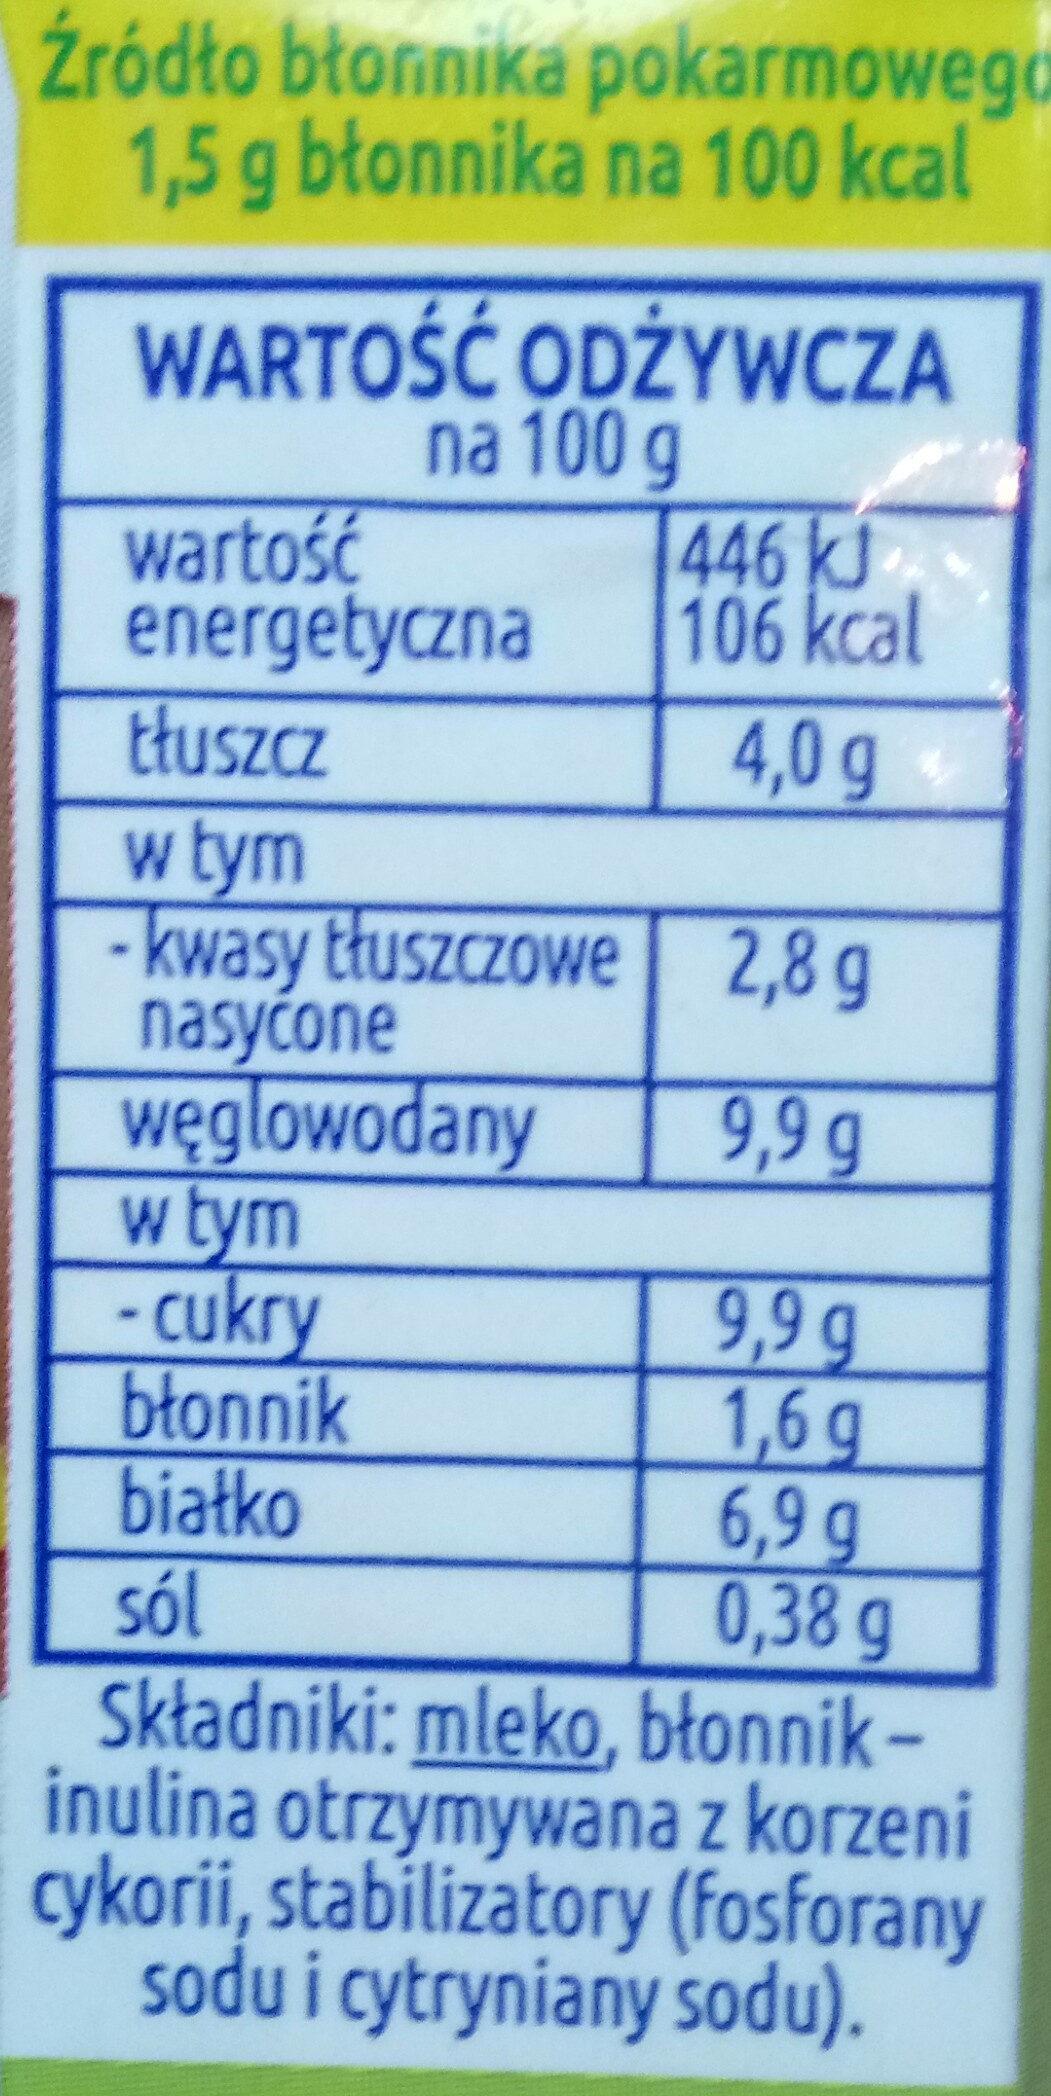 Mleko zagęszczone niesłodzone częściowo odtłuszczone z błonnikiem - Wartości odżywcze - pl